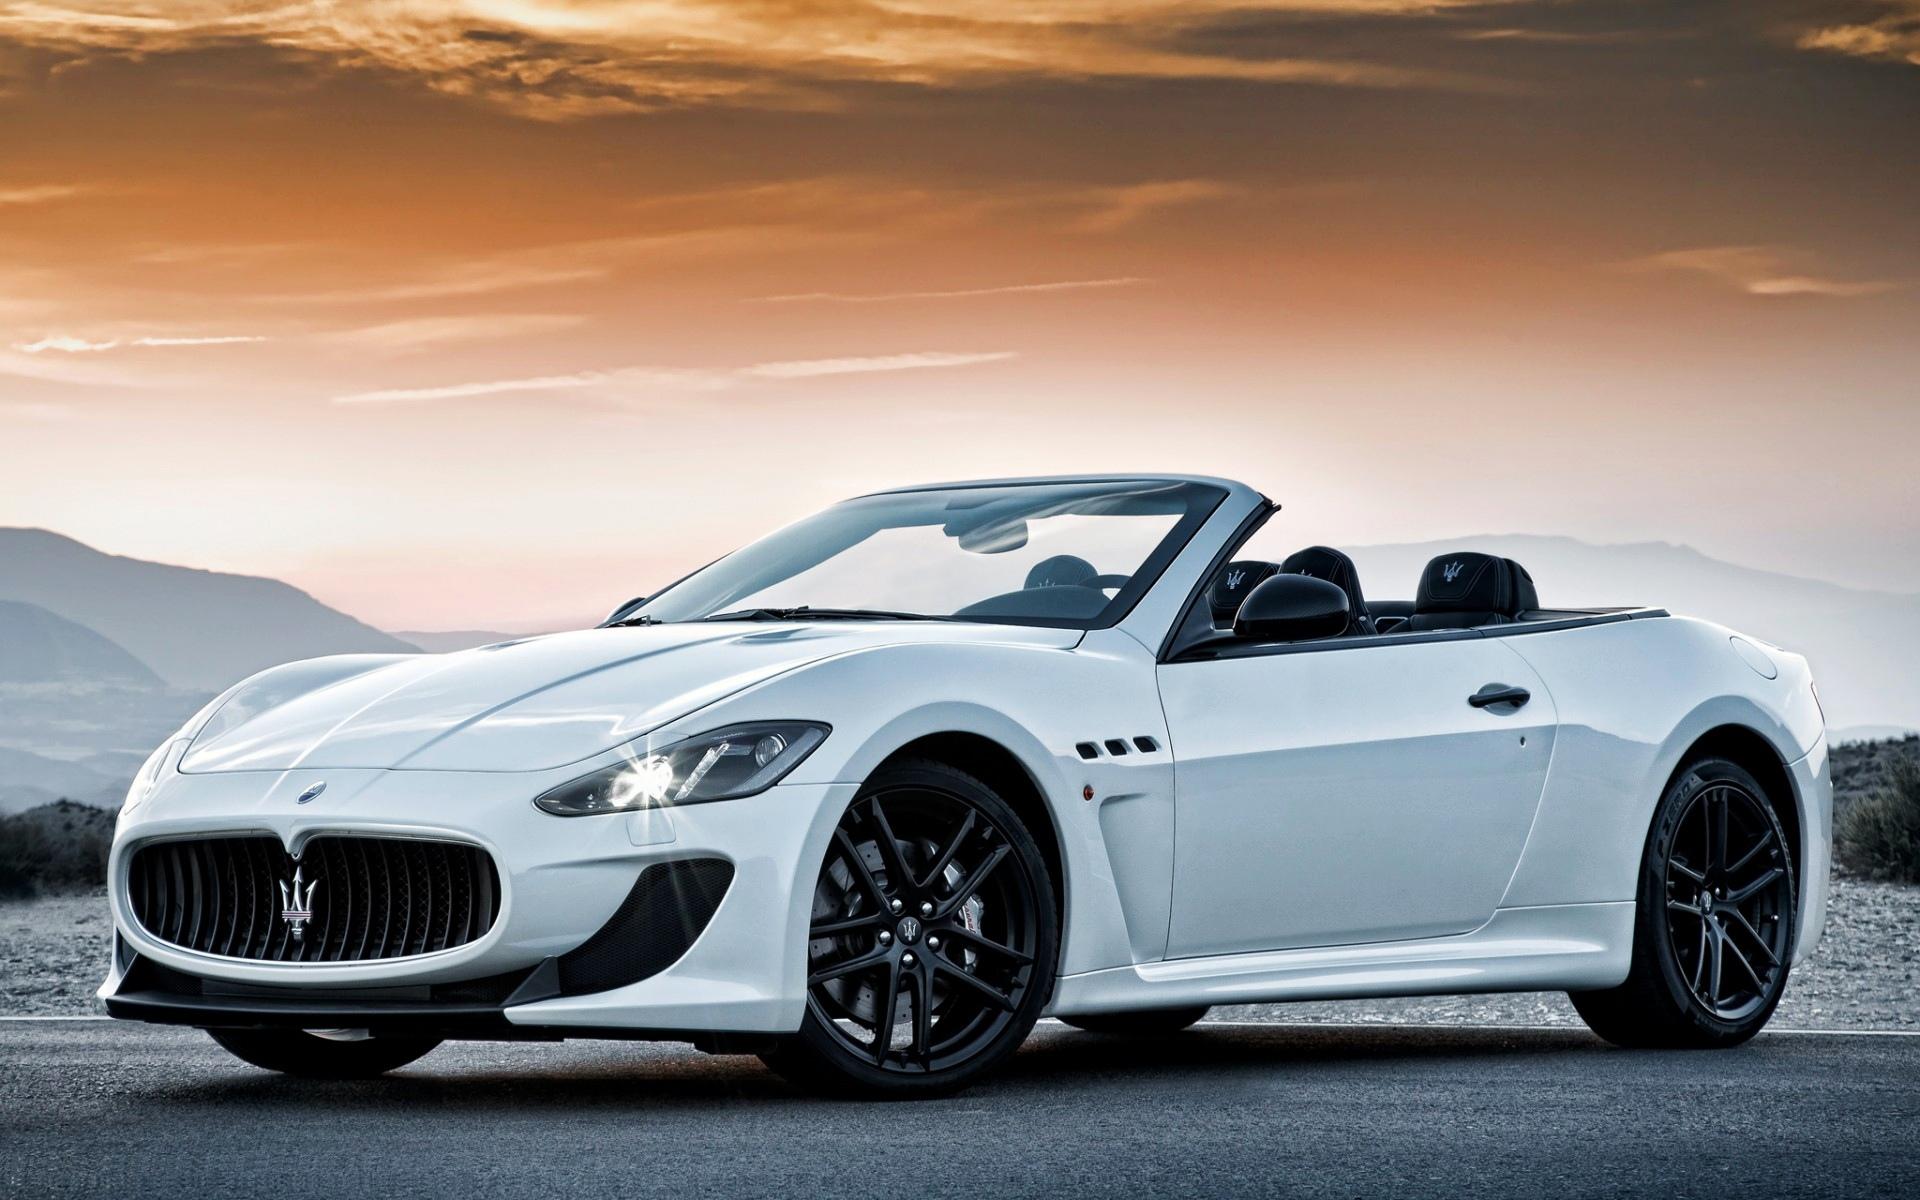 Maserati >> Maserati fond écran 1920x1200 - 10 000 Fonds d'écran HD gratuits et de qualité ! Wallpapers HD